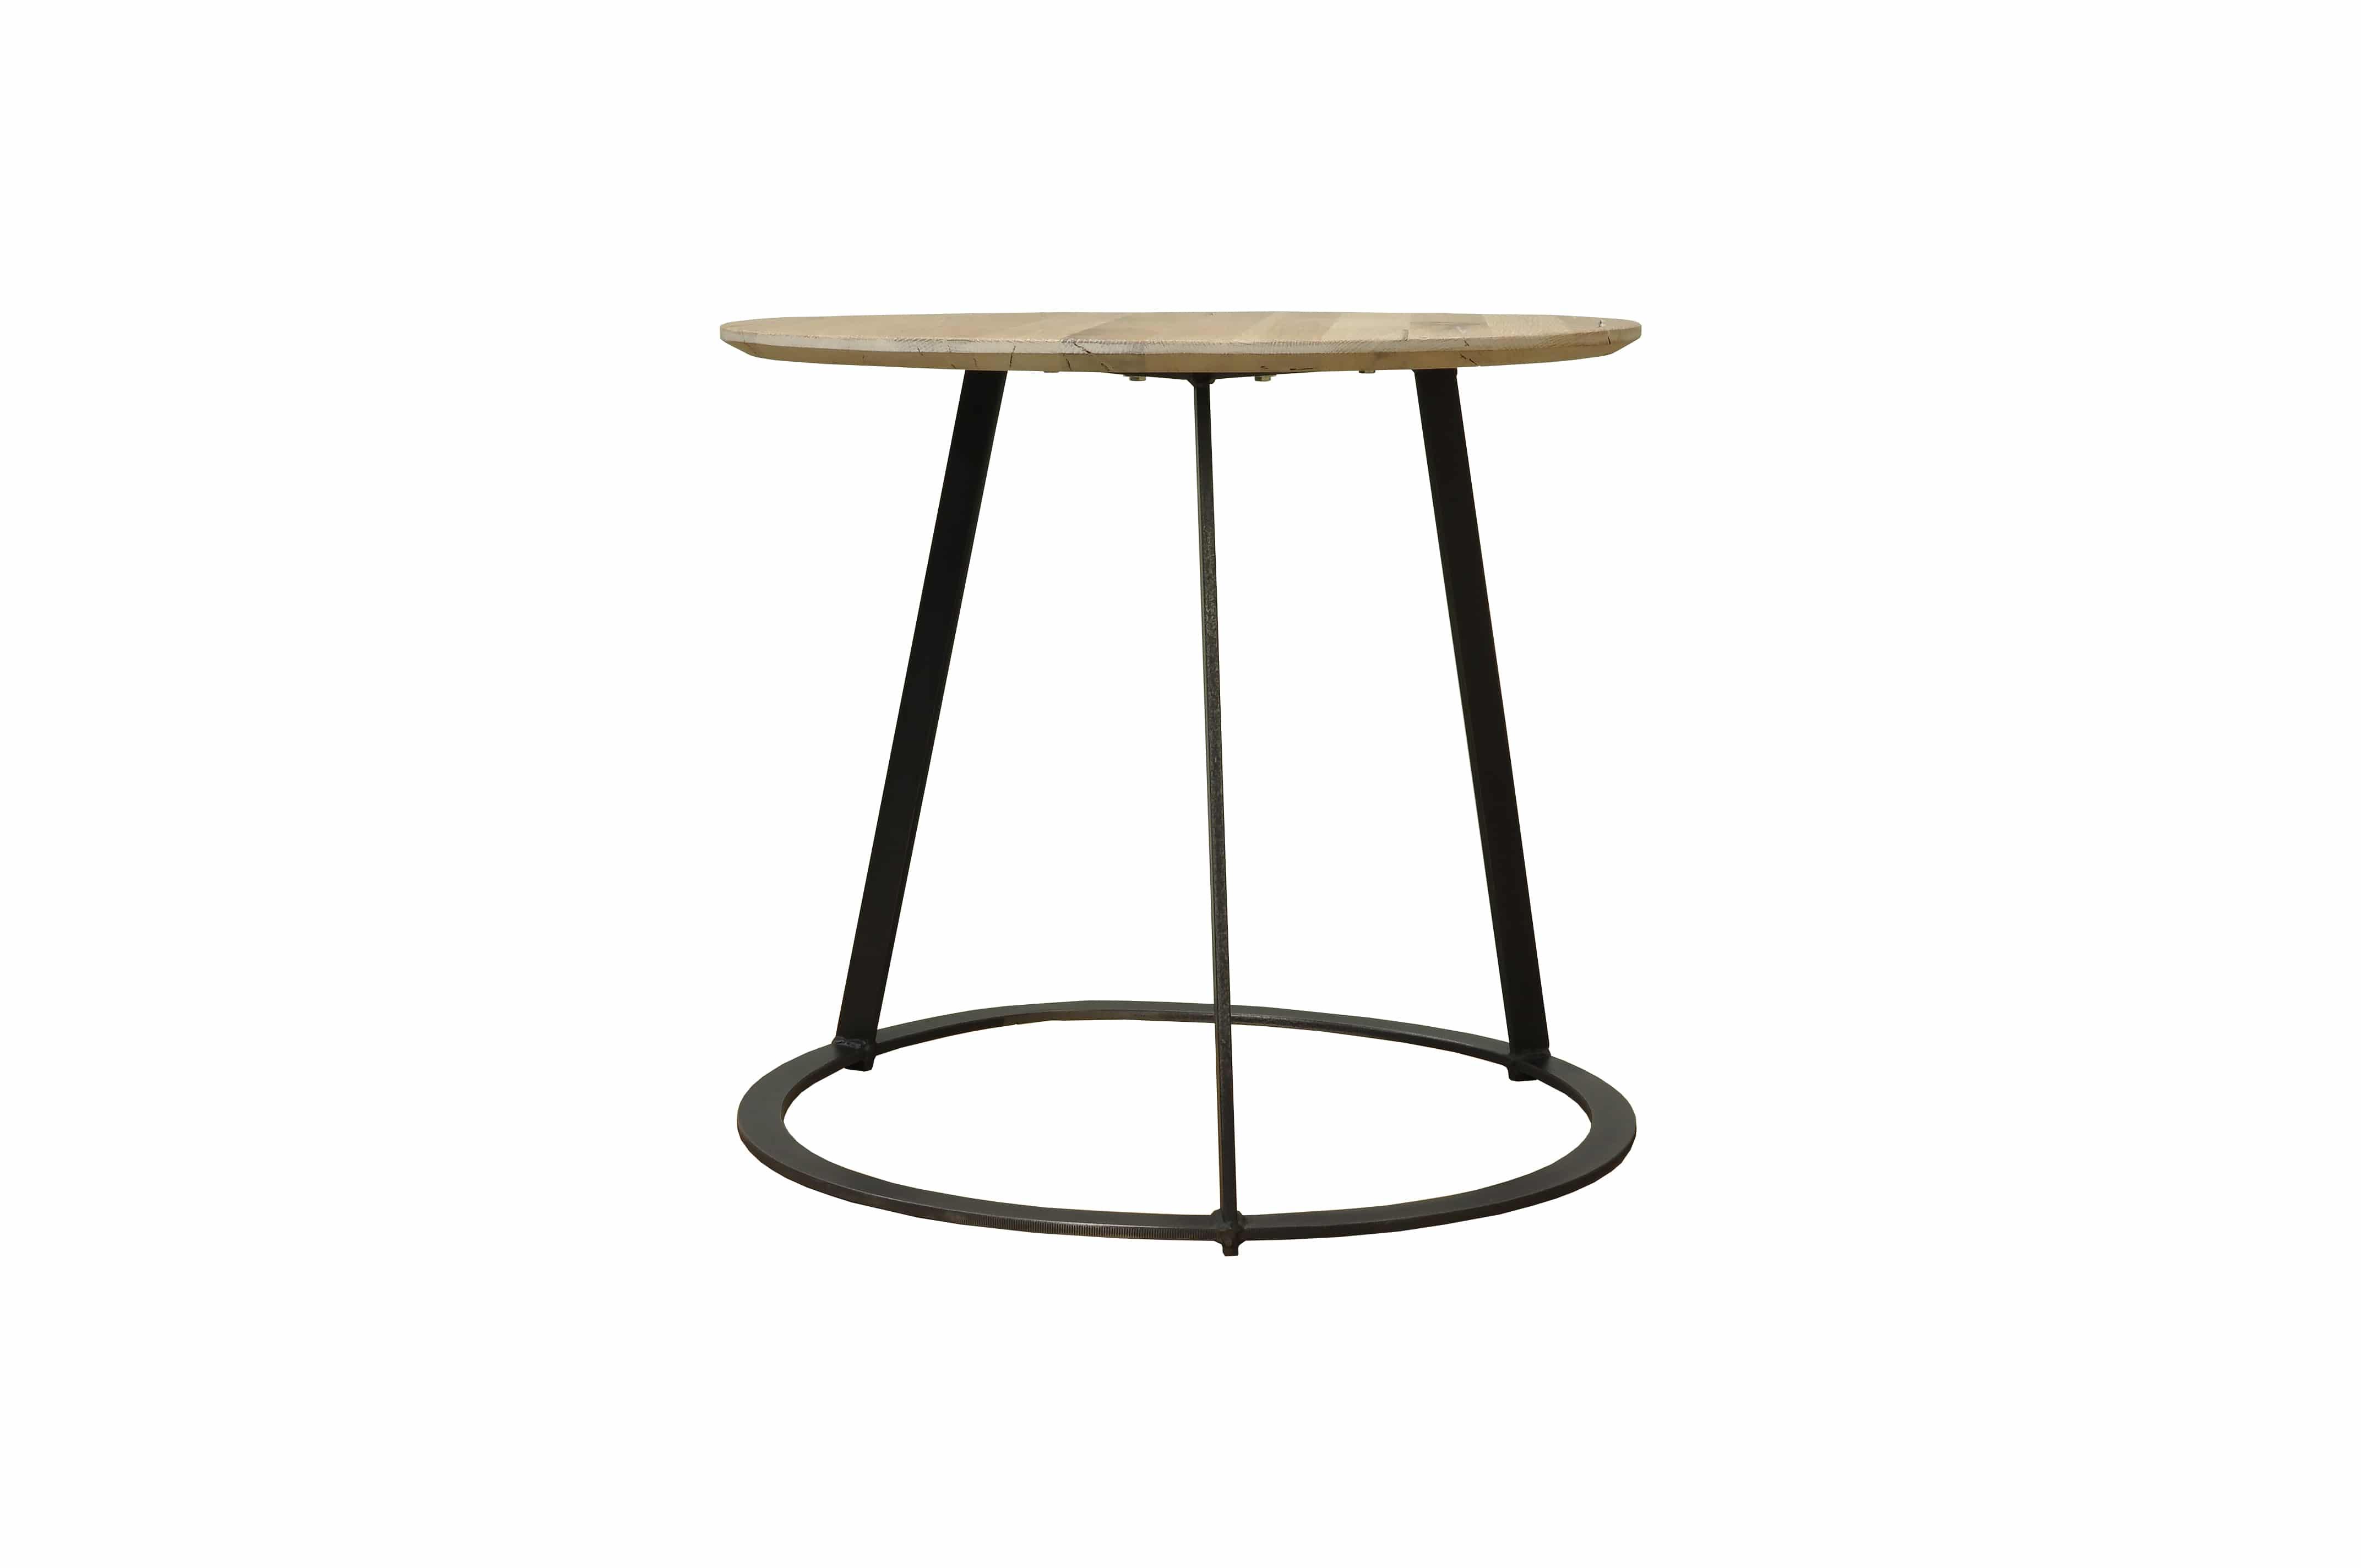 Iccoon go tafels gewoon wonen online meubelspecialist for Table 52 go bus